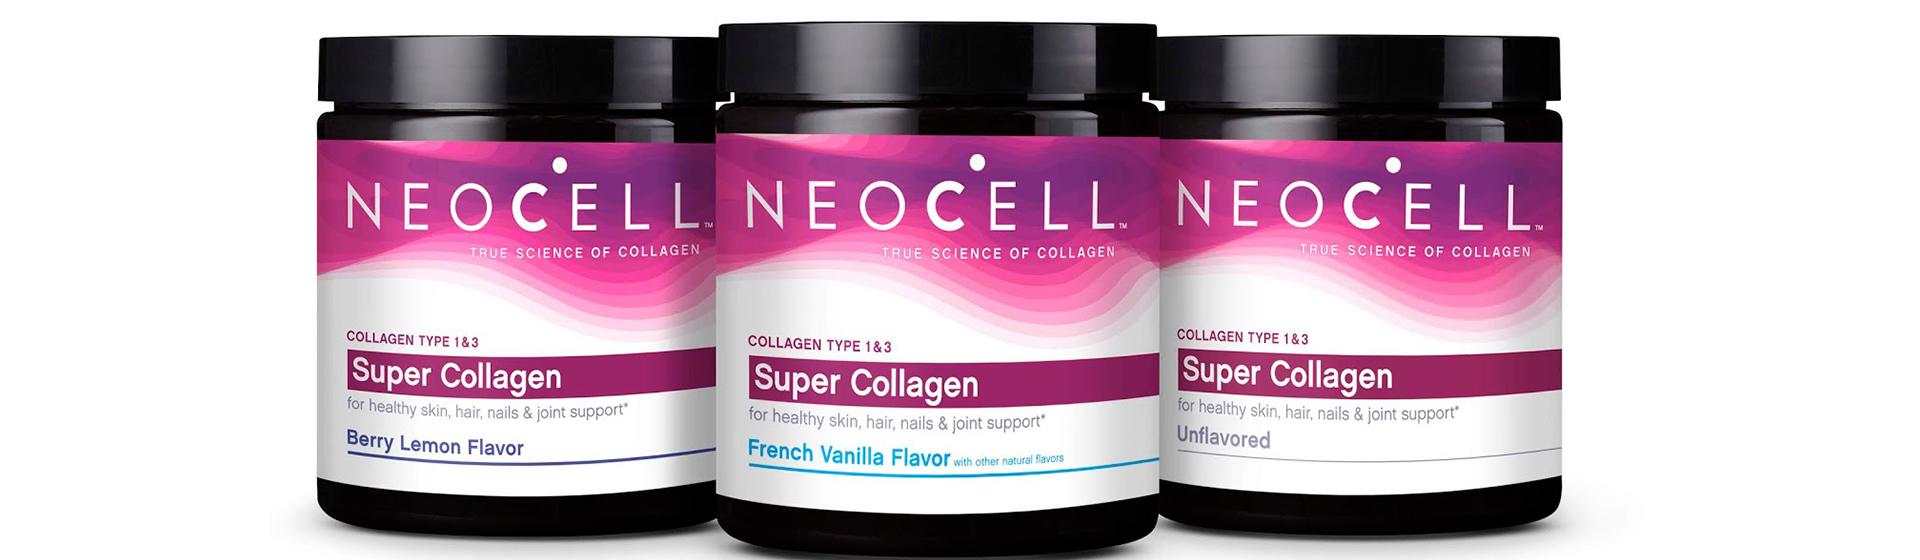 Neocell Collagen Ürünleri